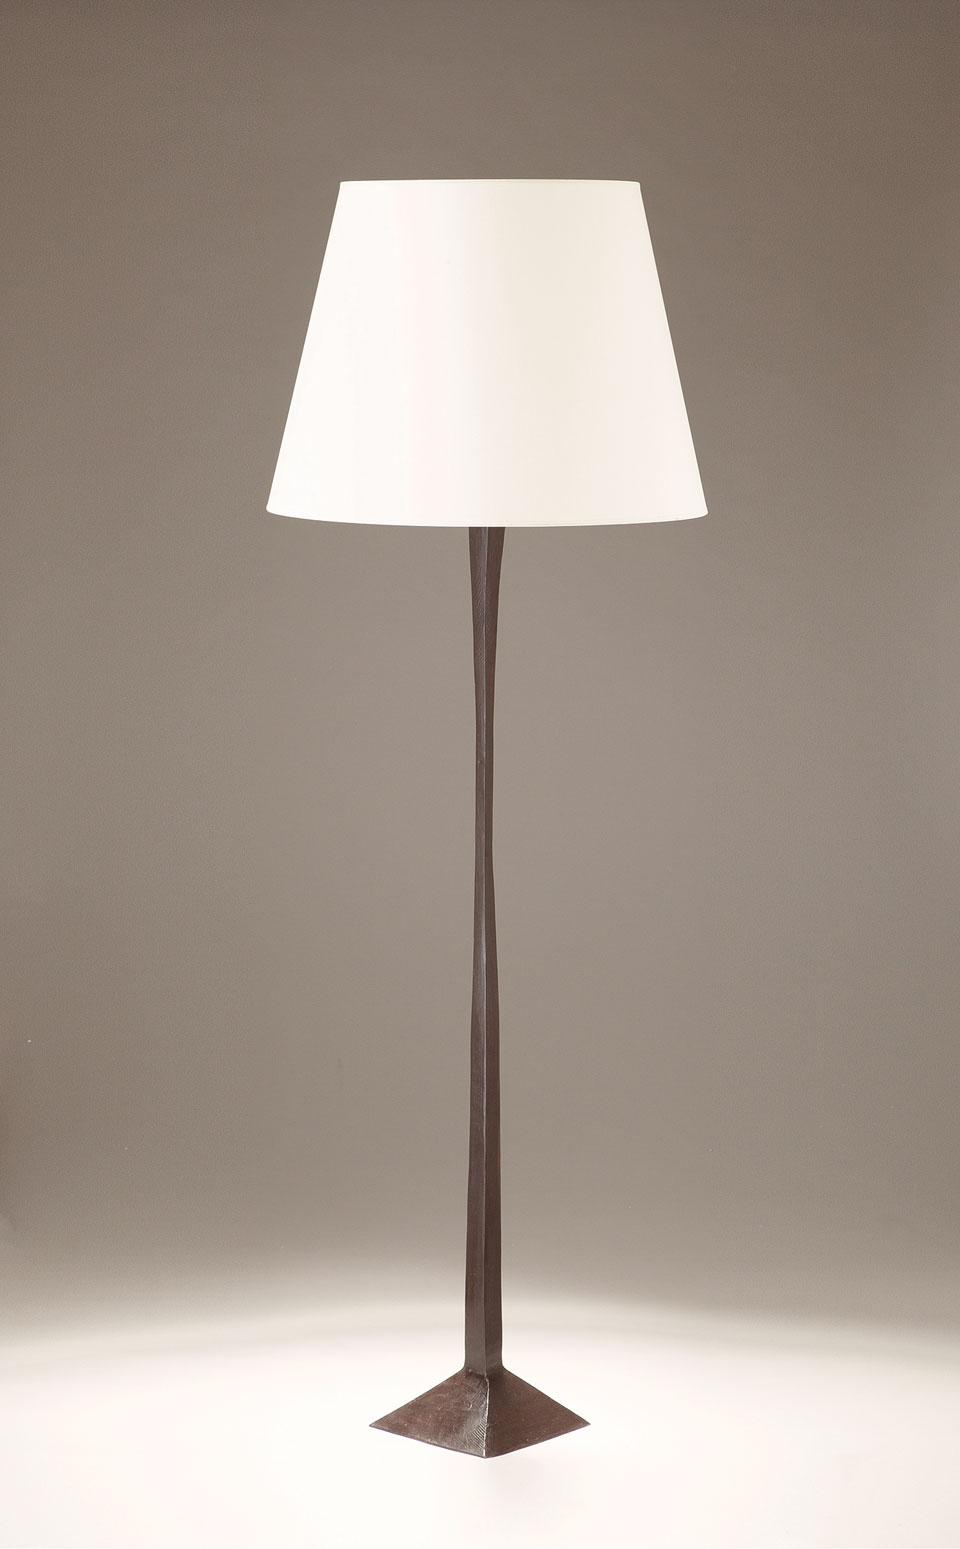 lampadaire en bronze patin noir et large abat jour blanc maya objet insolite luminaires en. Black Bedroom Furniture Sets. Home Design Ideas